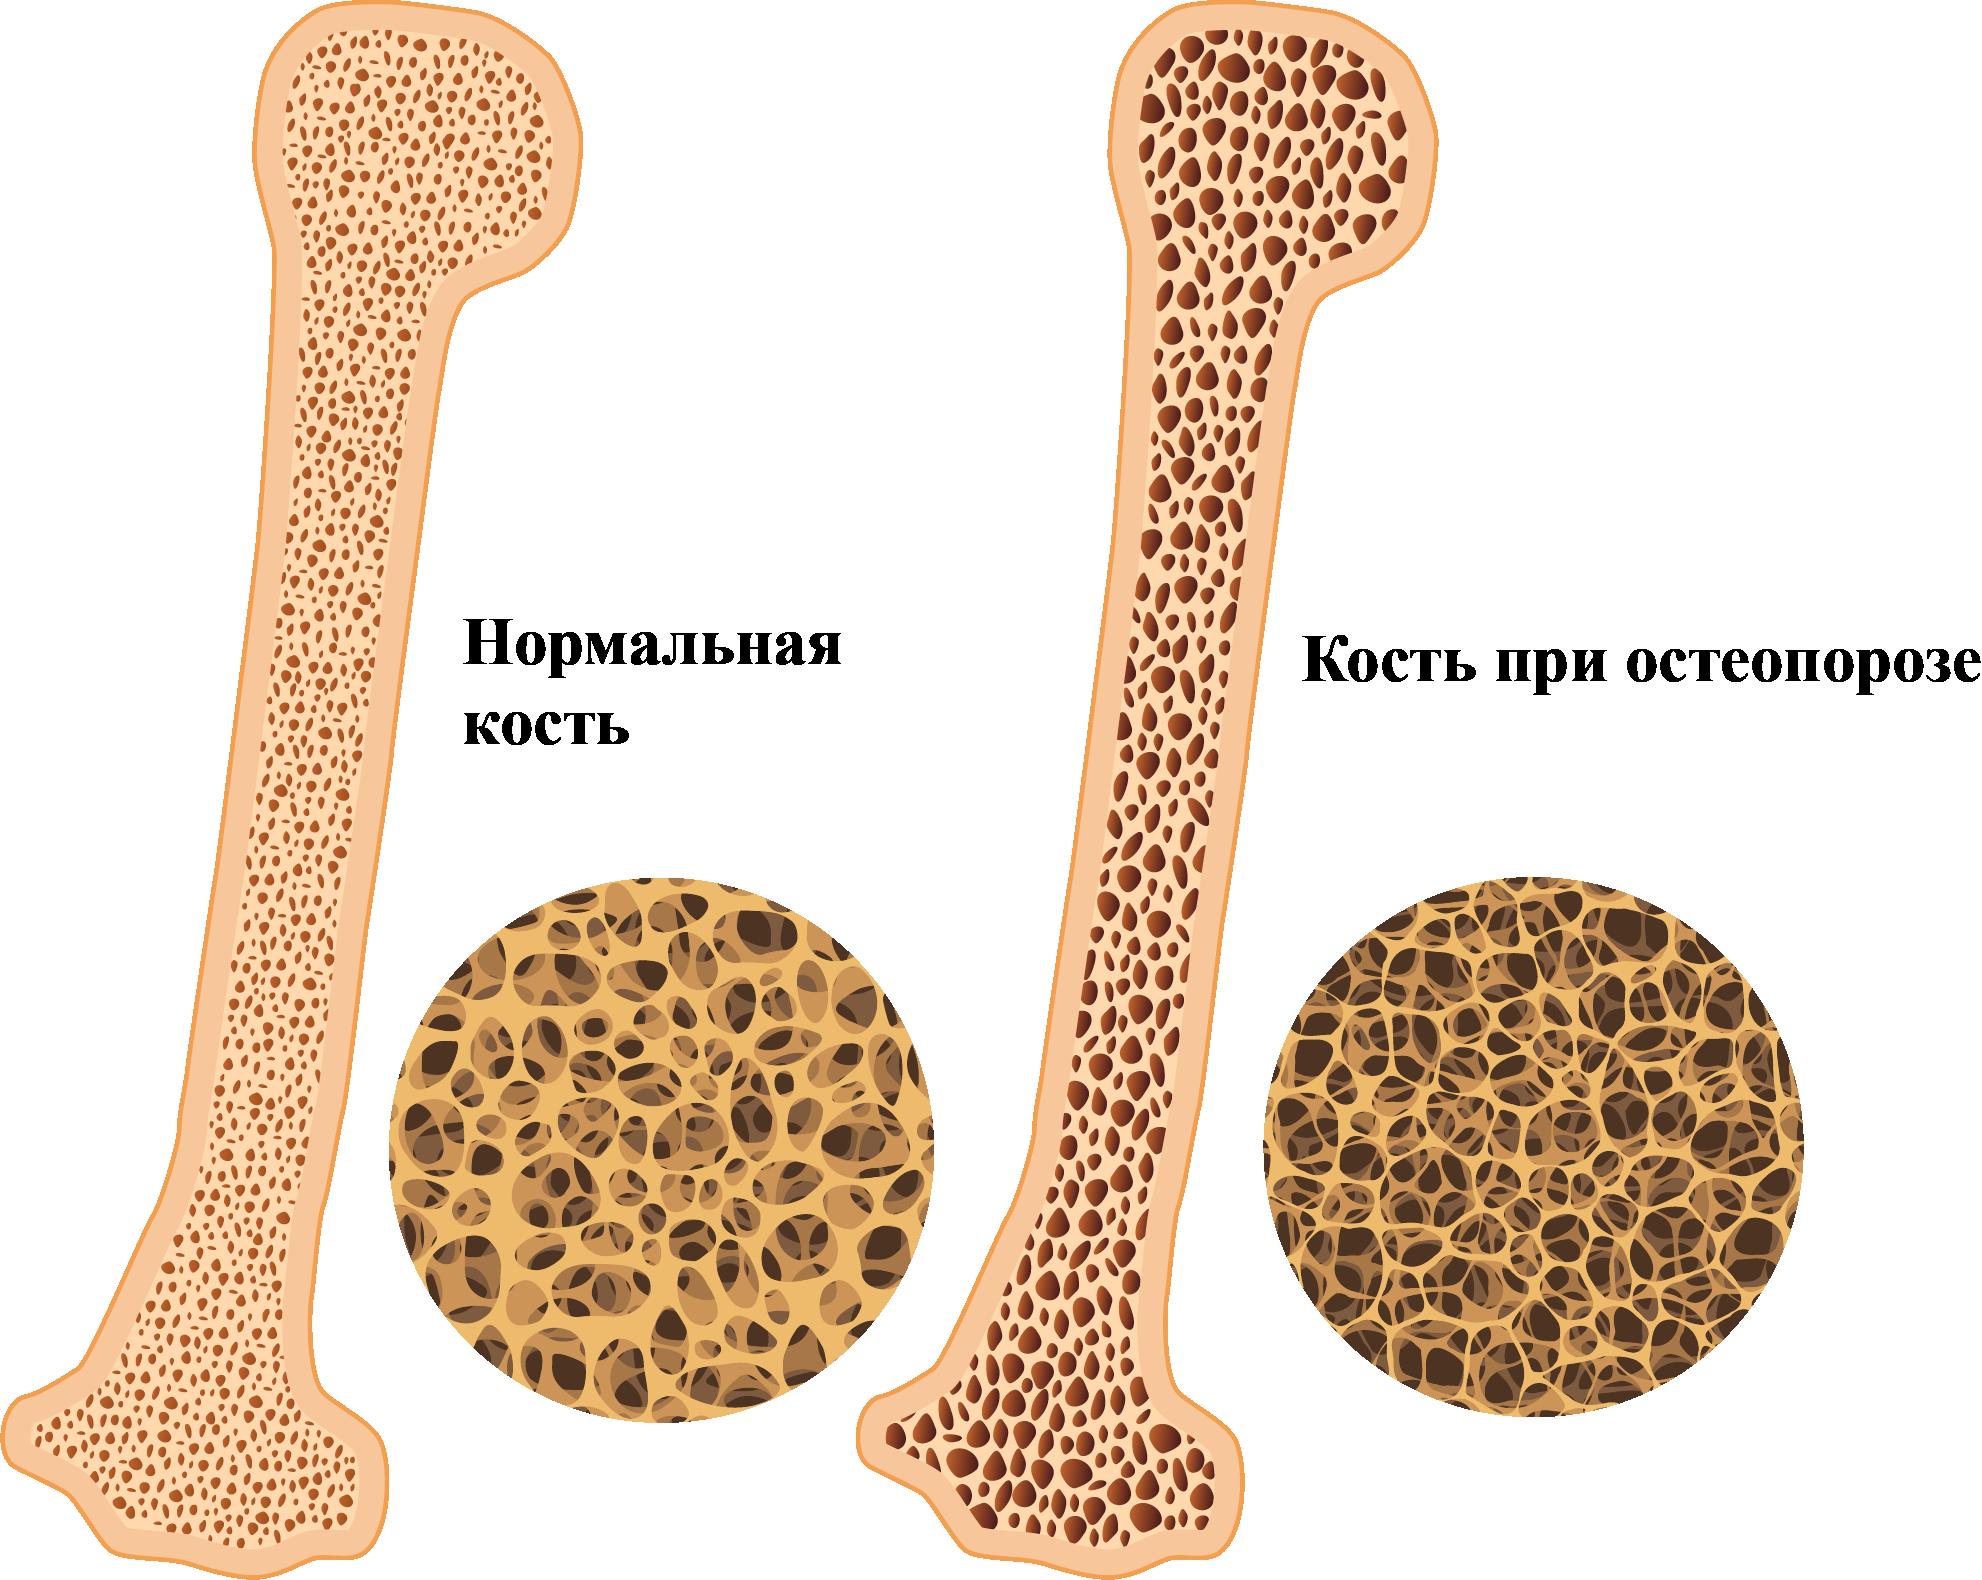 нормальная кость и кость при остеопорозе